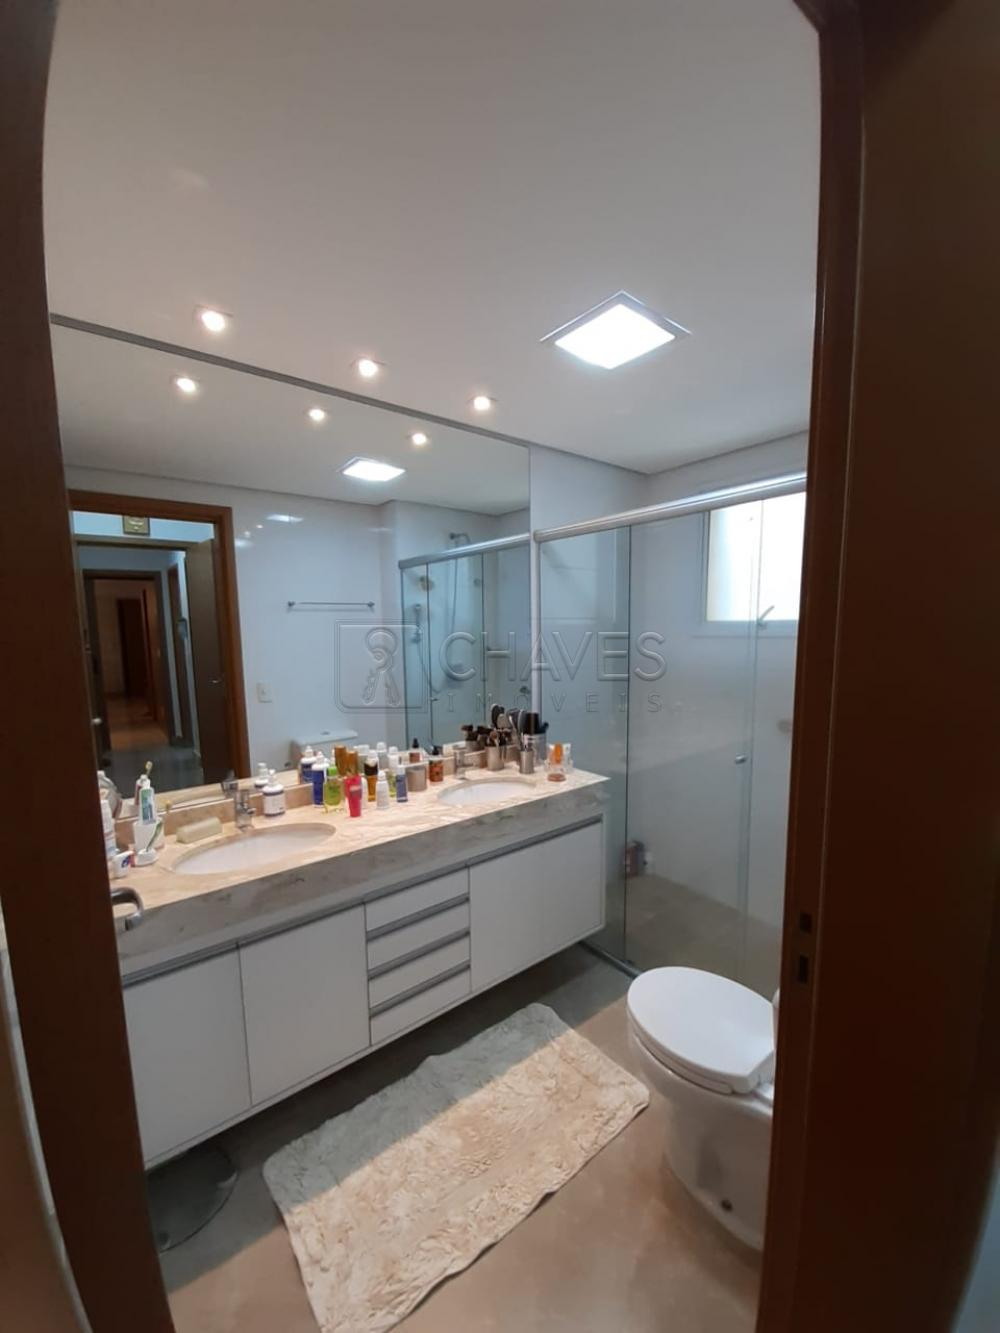 Comprar Apartamento / Padrão em Ribeirão Preto apenas R$ 700.000,00 - Foto 16